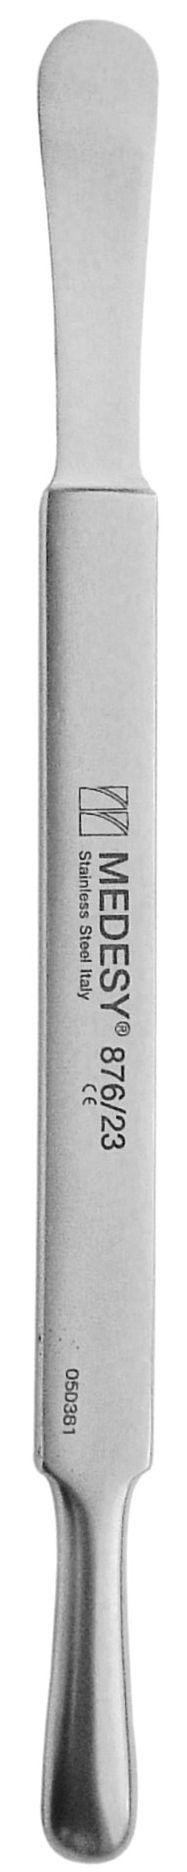 Descolador De Gengiva Seldin Importado - 876/23 - 10 Mm X 12 Mm - Medesy